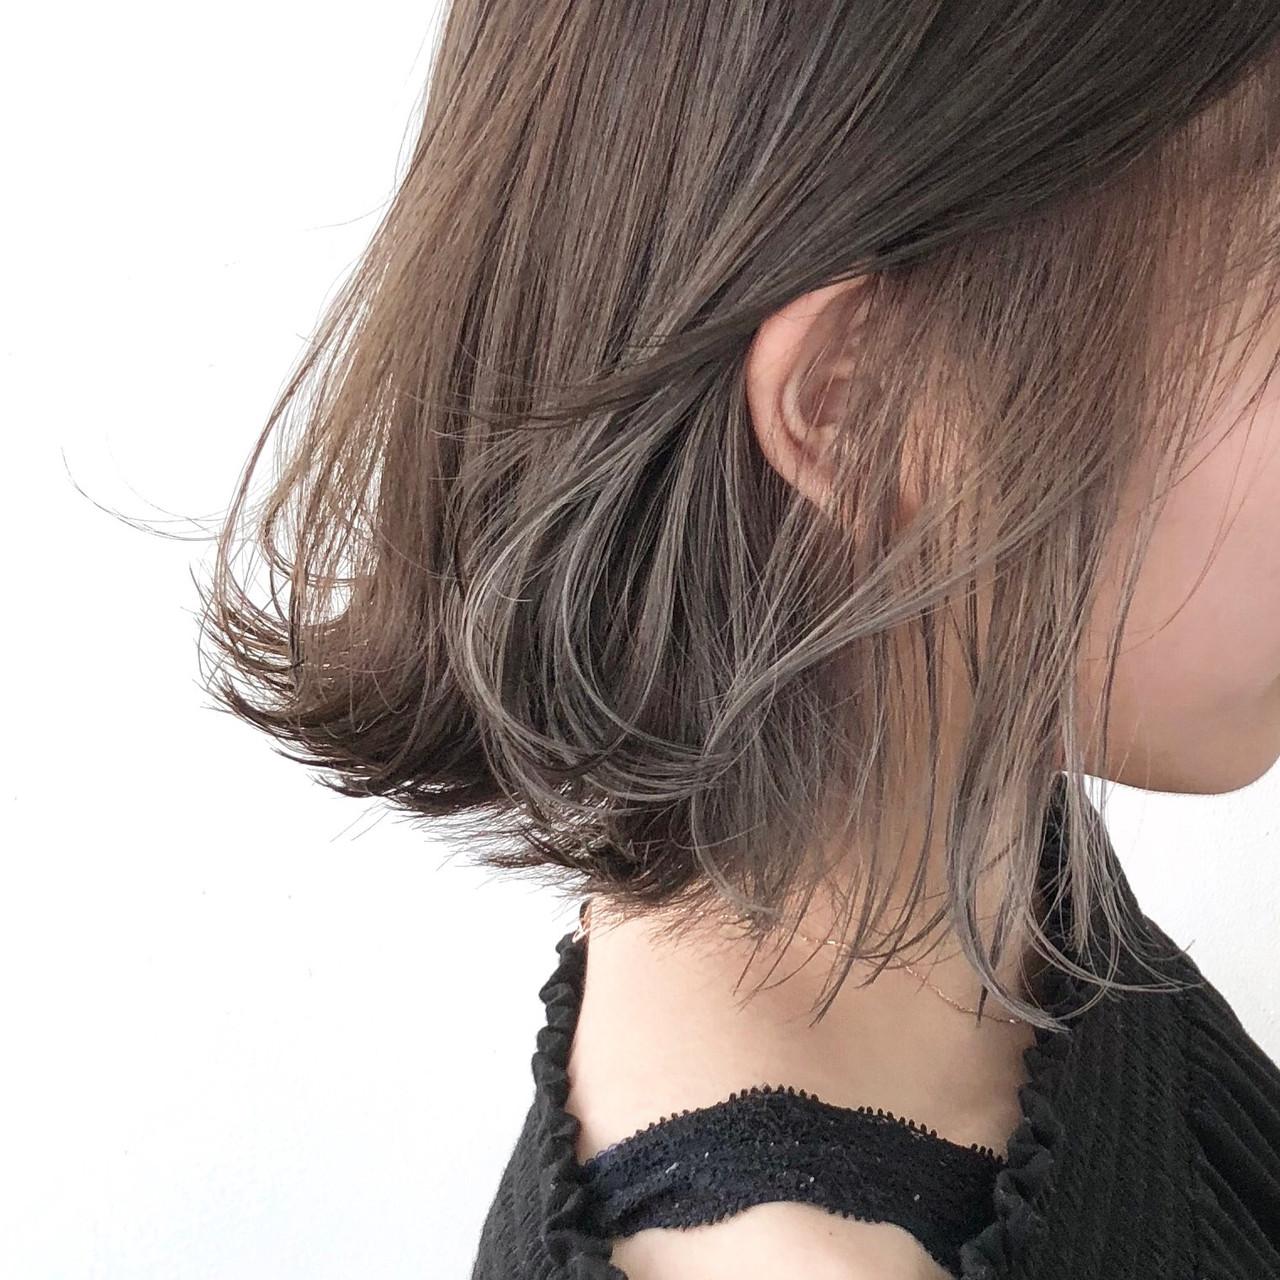 アンニュイほつれヘア デート ゆるふわ ナチュラル ヘアスタイルや髪型の写真・画像 | 伊藤 大樹 / Lufeli